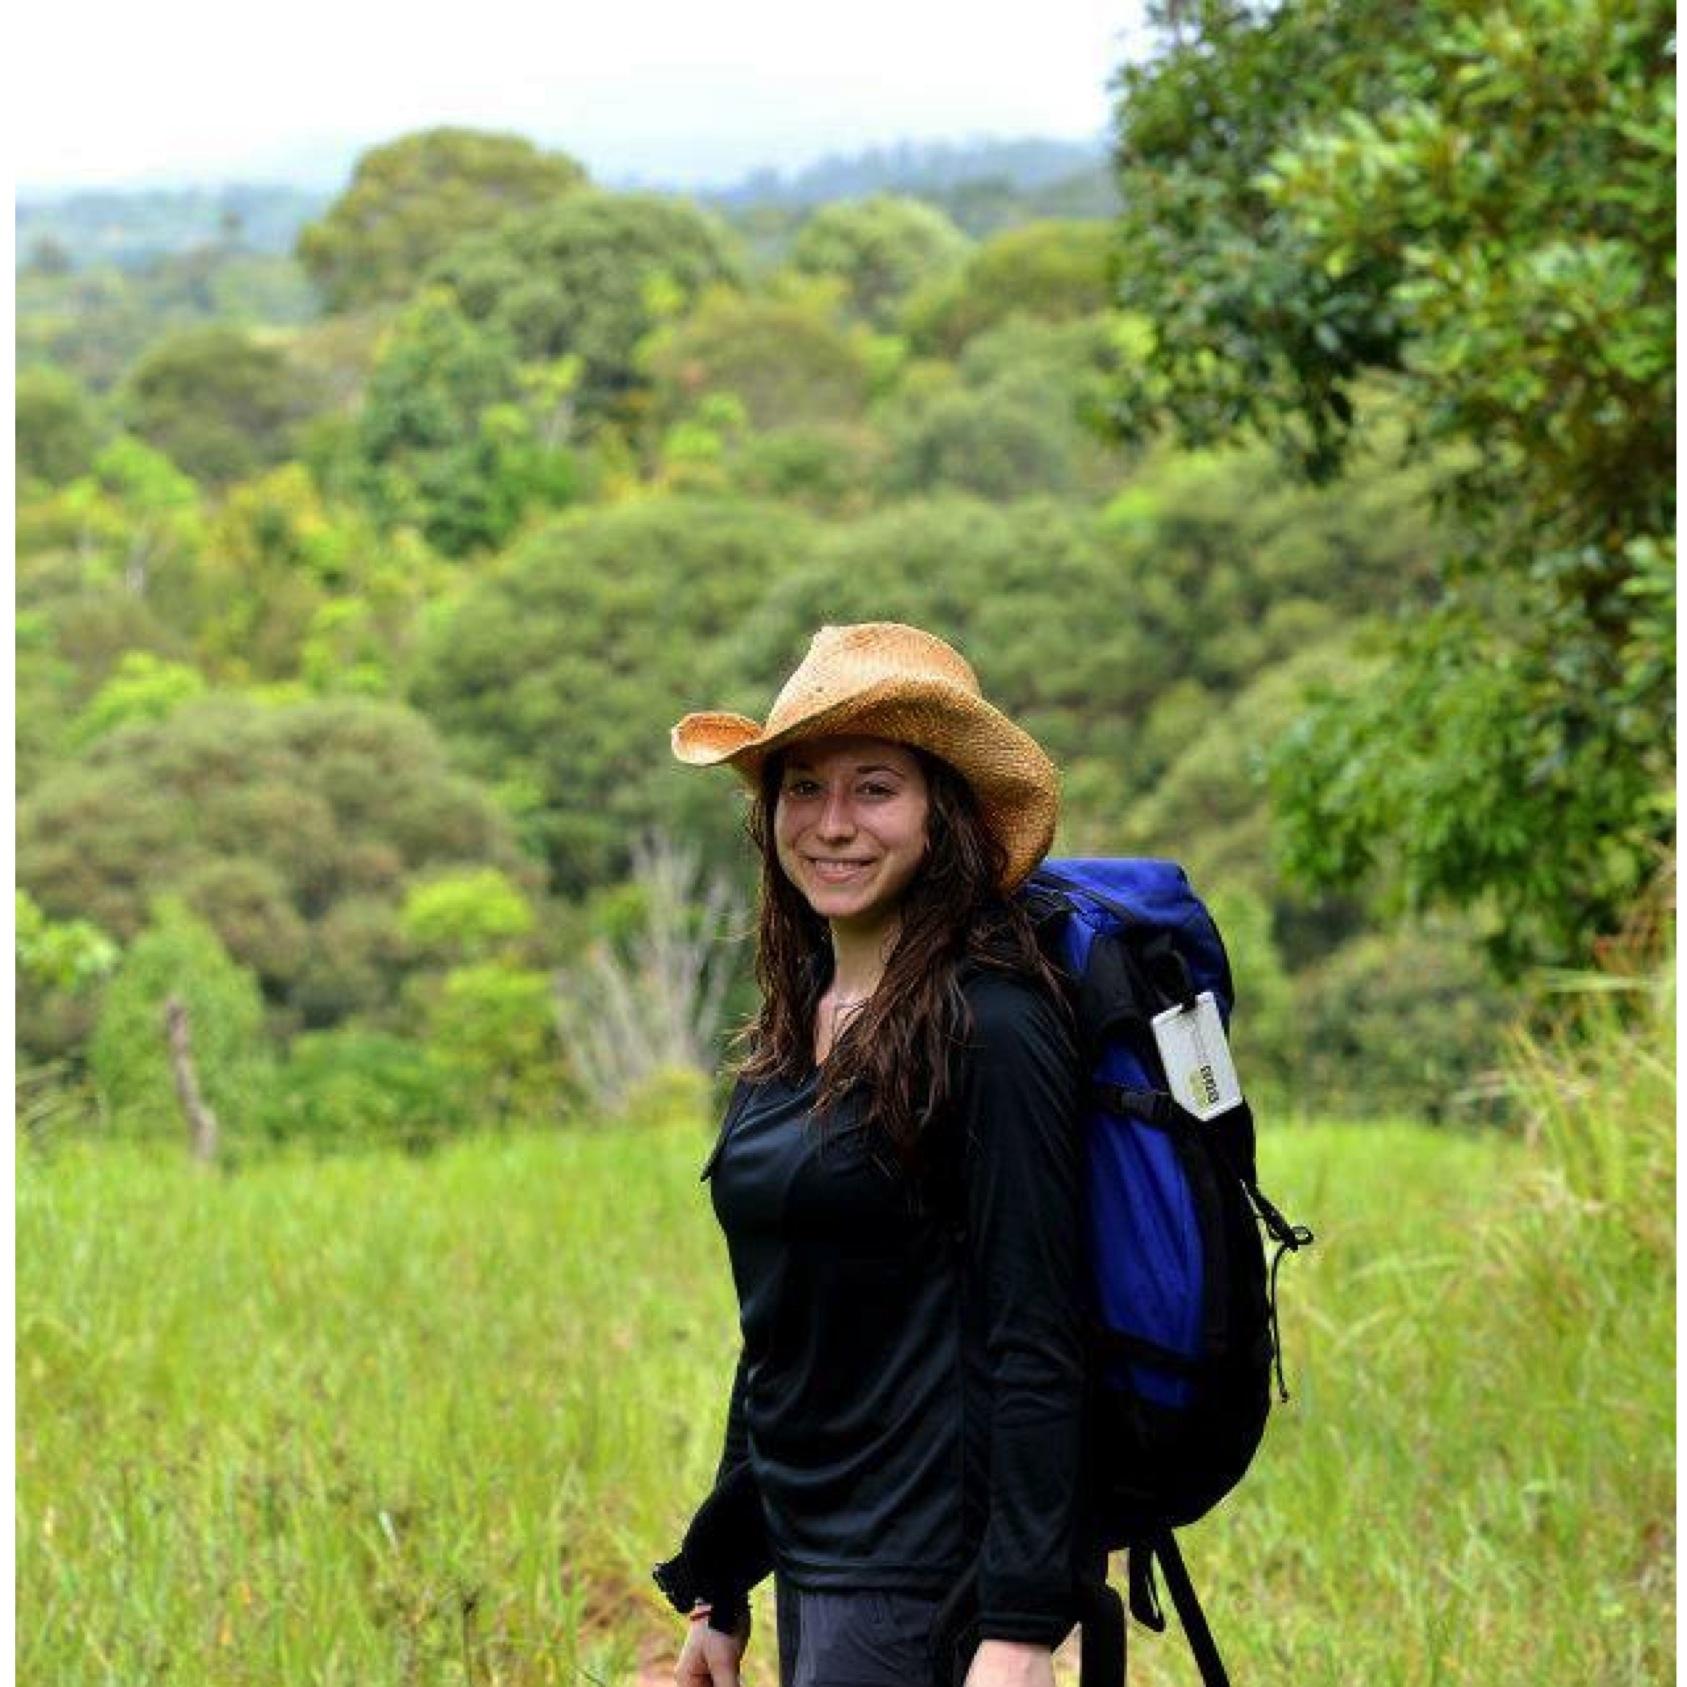 Nickie Cammisa : Masters Student